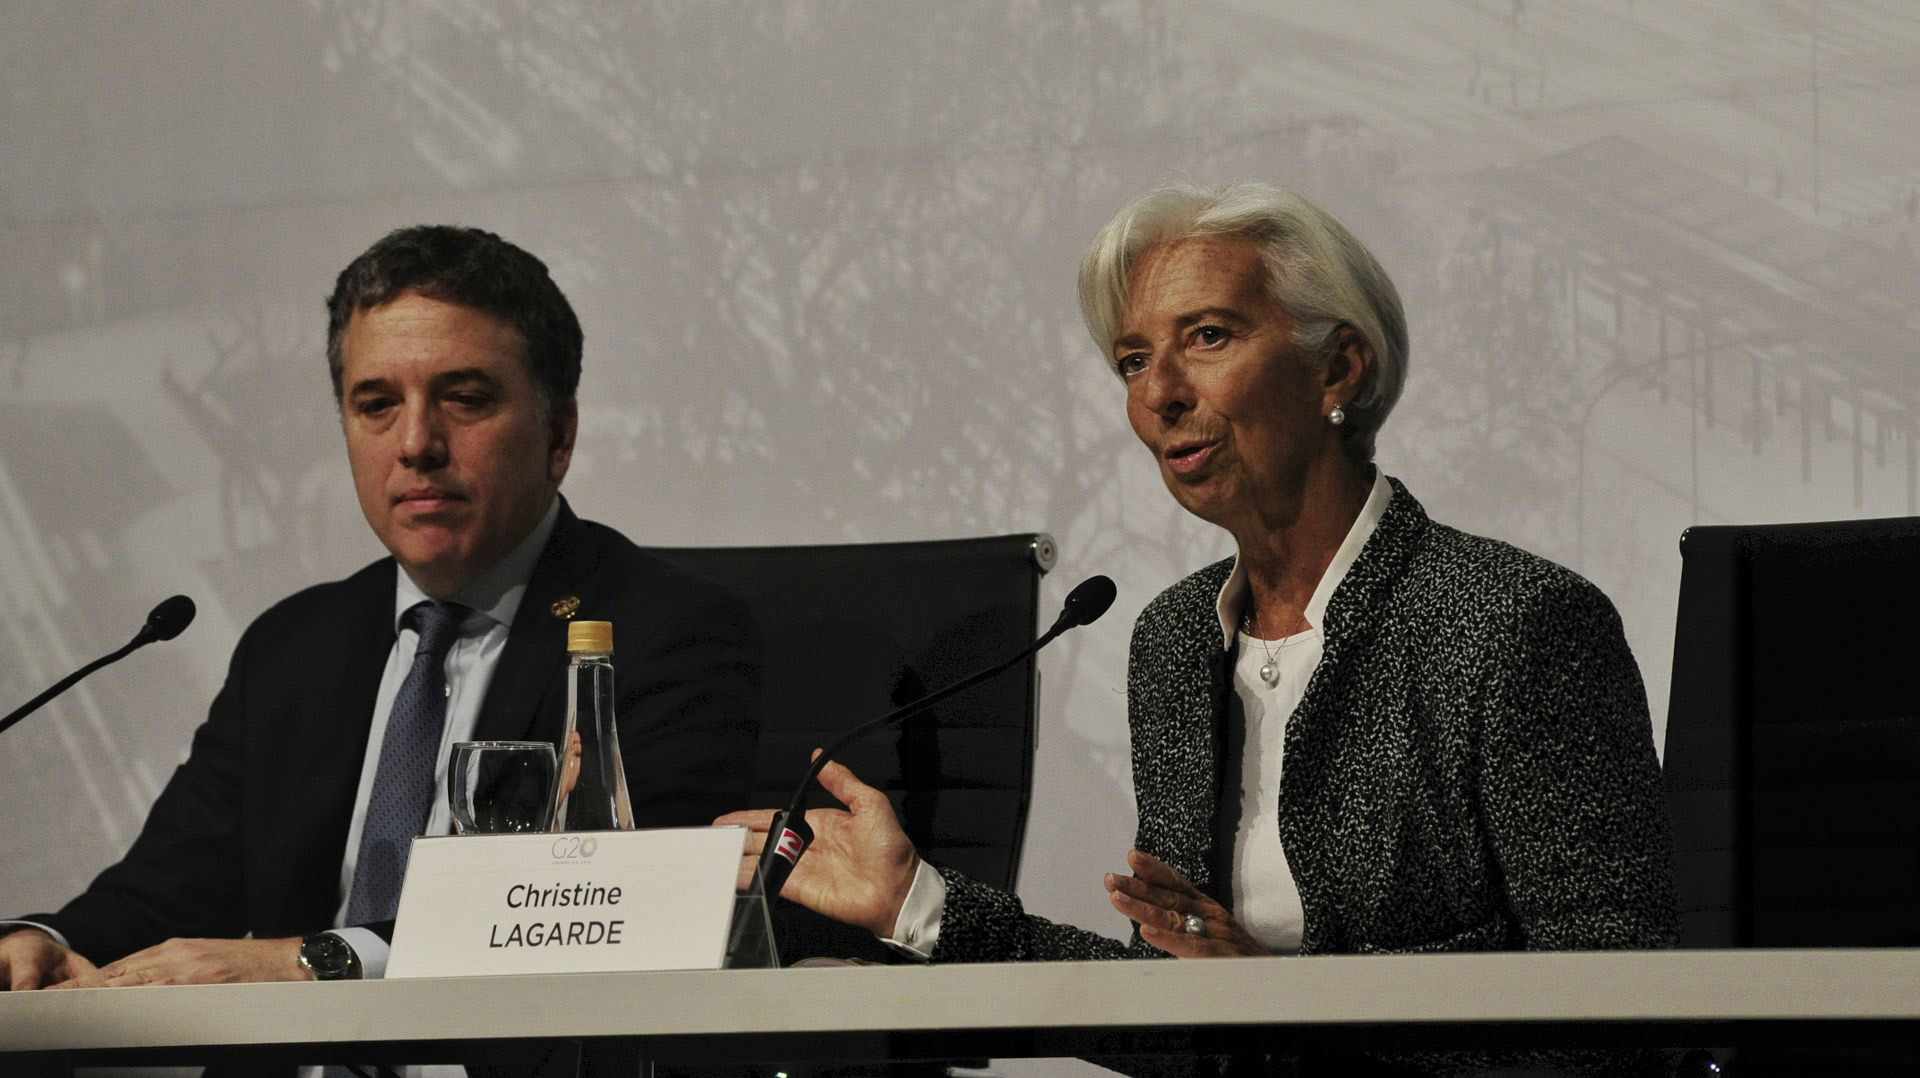 El ministro Nicolás Dujovne junto a la directora del FMI Christine Lagarde en julio pasado